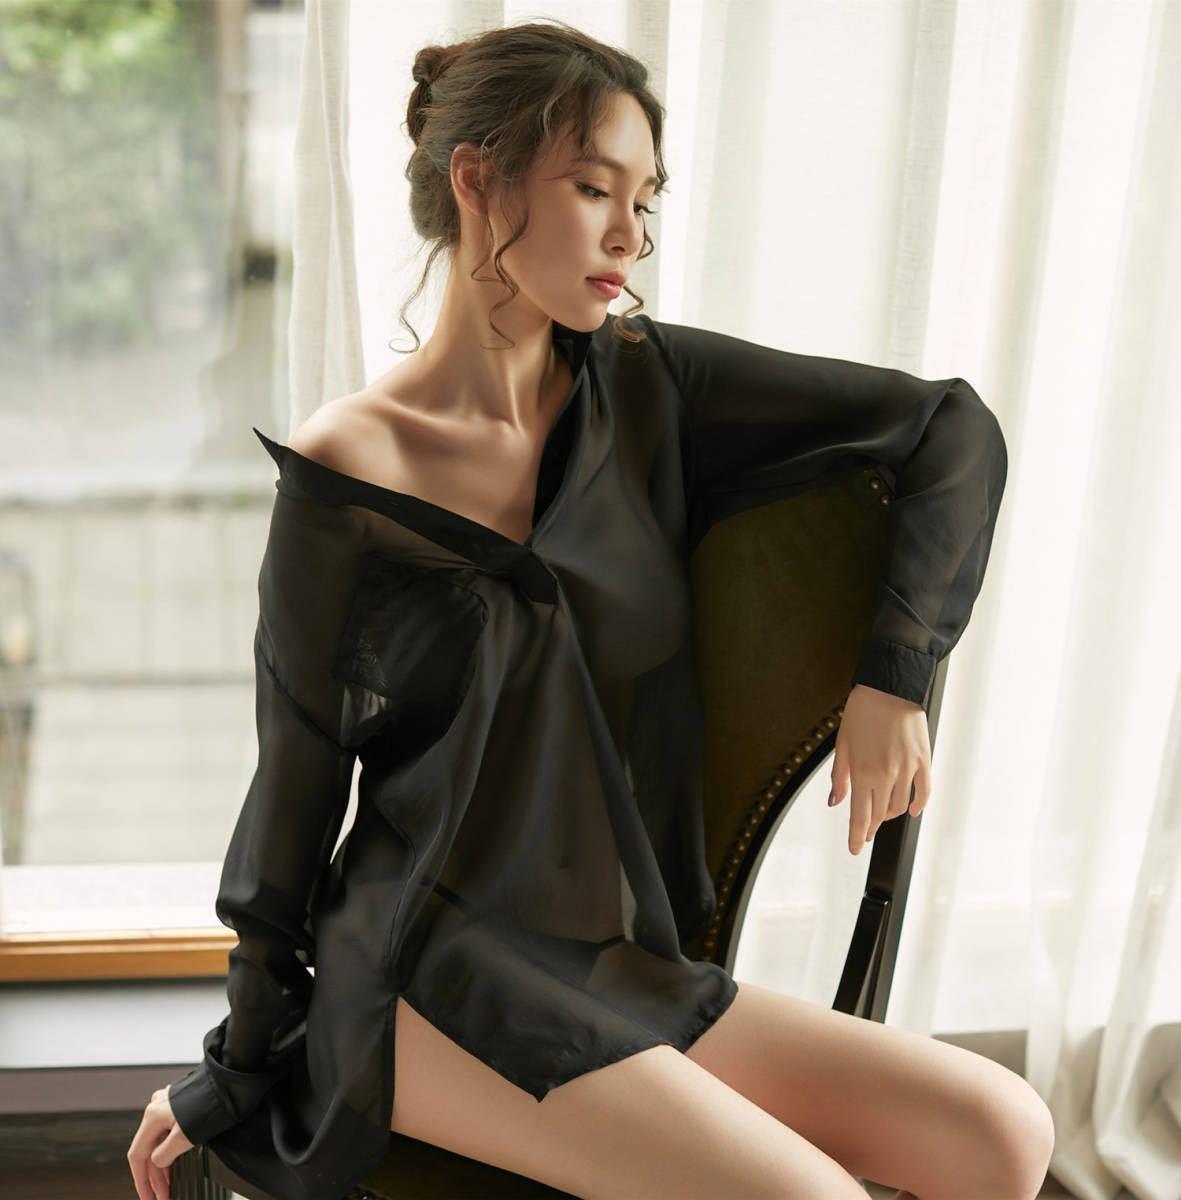 W230白 セクシーランジェリーセット ベビードール コスプレ衣装 浴衣 着物 シャツ ルームウェア 部屋着 レディース 勝負下着_画像9